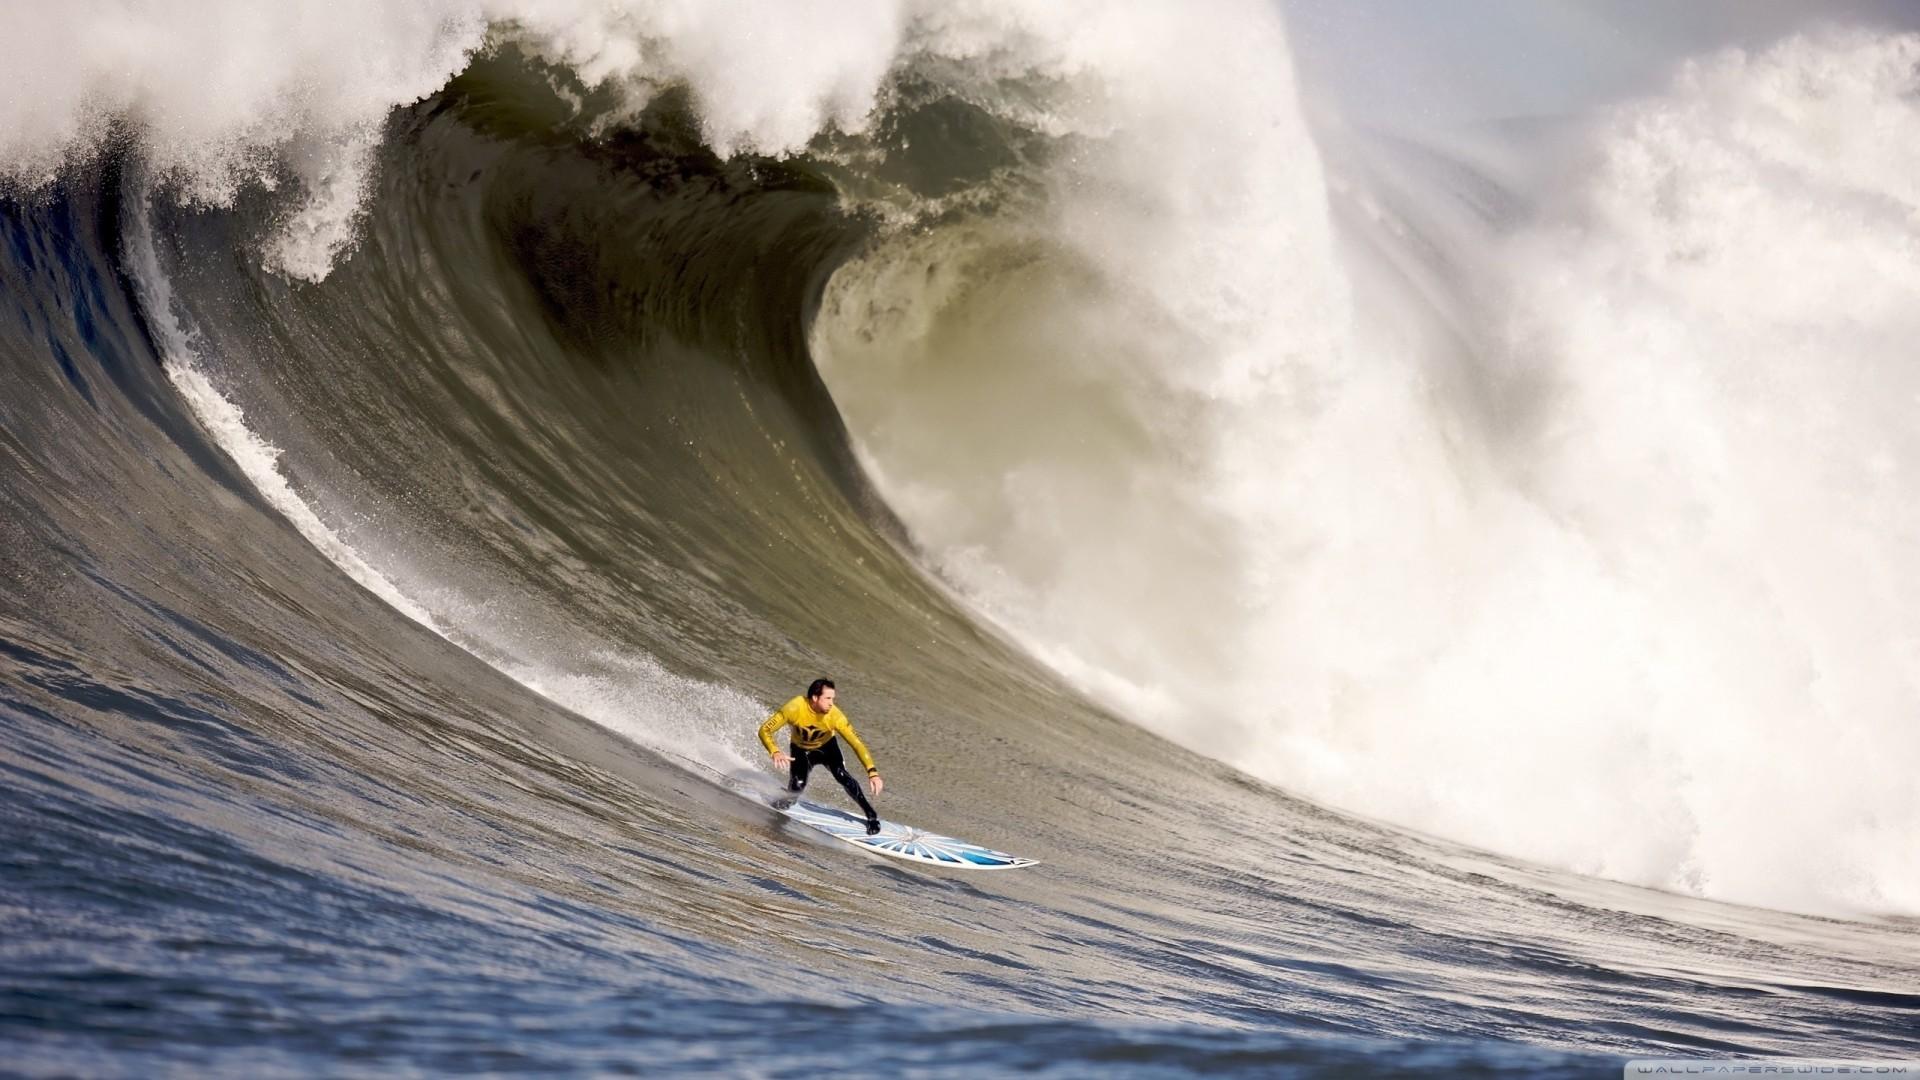 a surfer down a big wave wallpaper